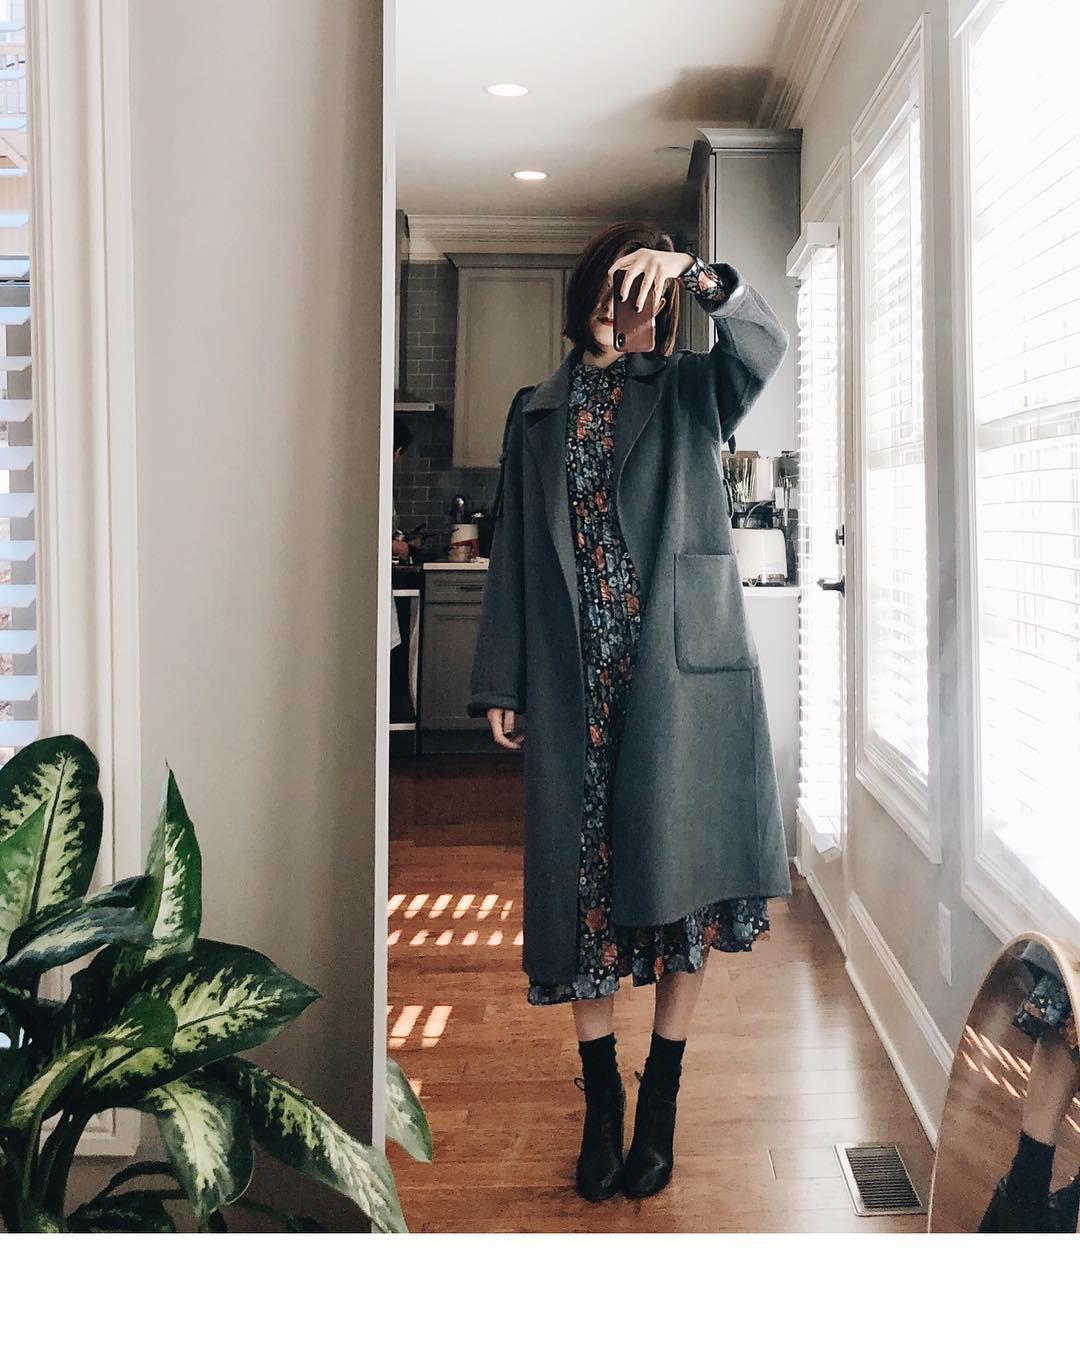 4 công thức mix&match với áo khoác dạ - item 'sống mãi với thời gian' mà mùa đông nào các nàng cũng đem ra diện 12